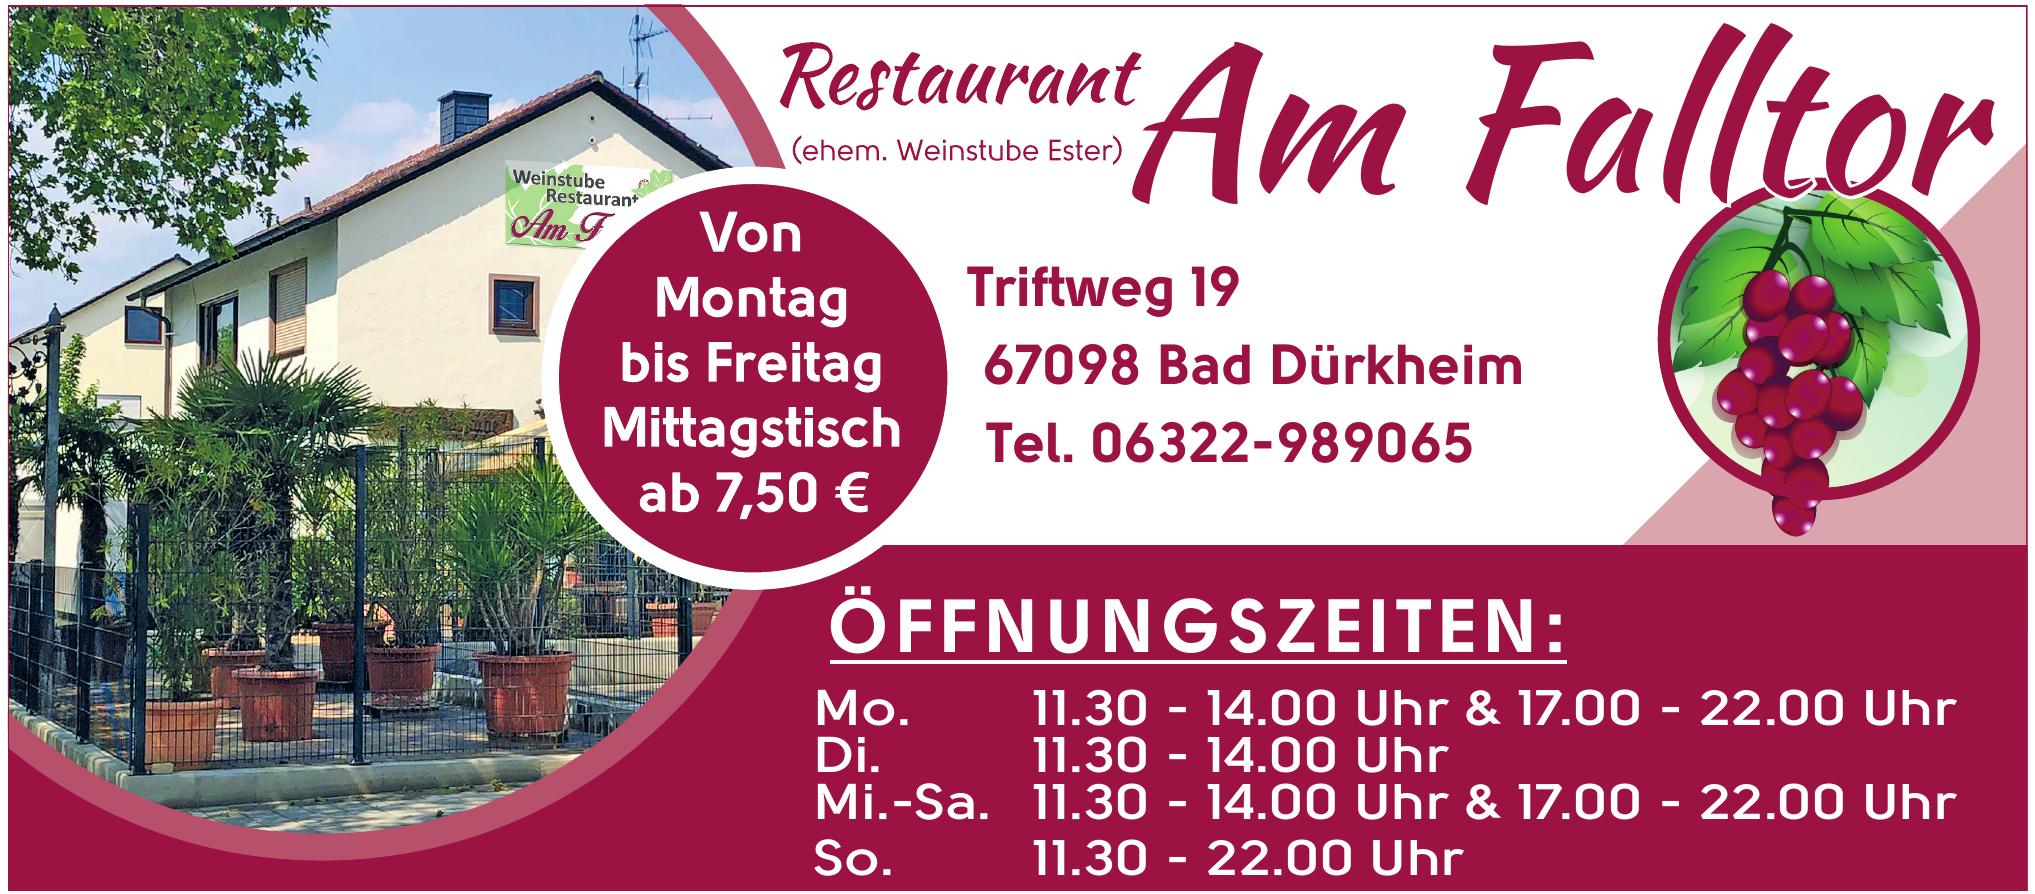 Restaurant Am Falltor